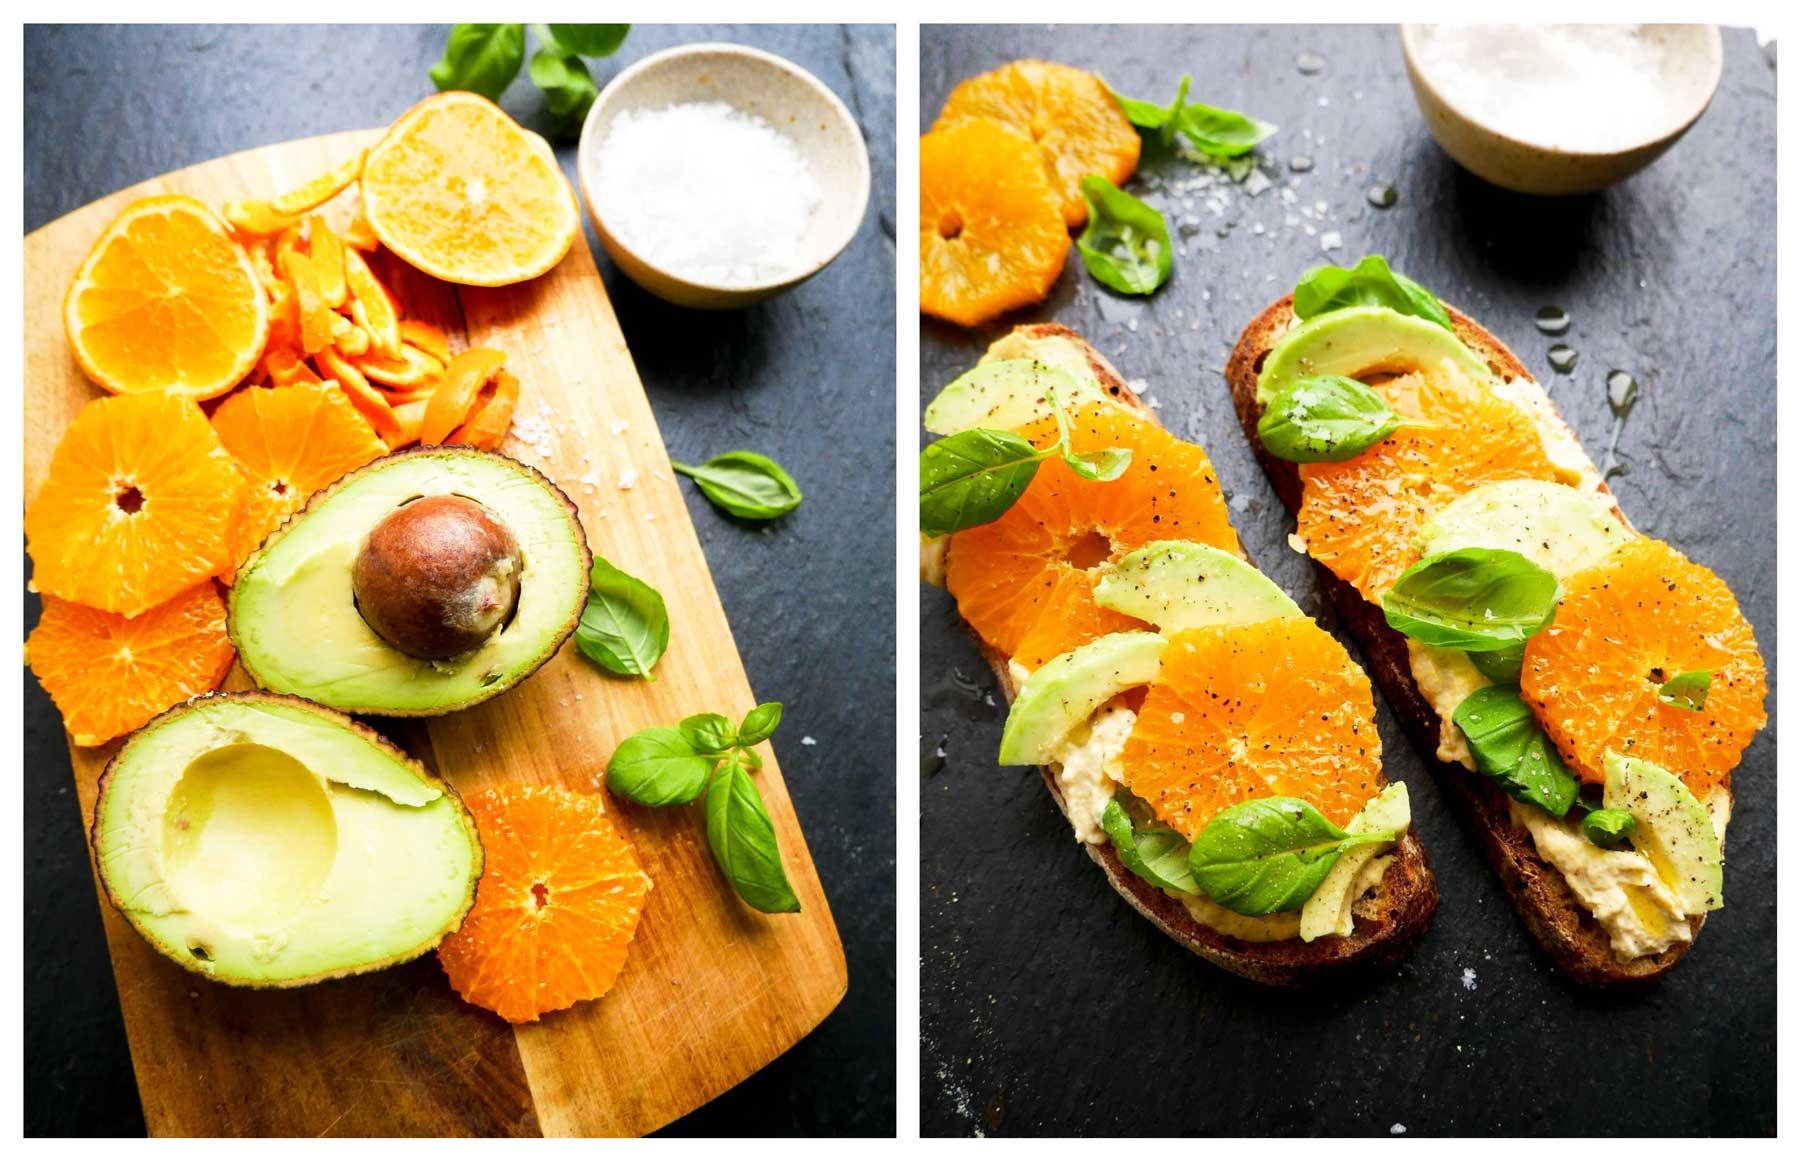 appelsin og avocado og hummus på toasts